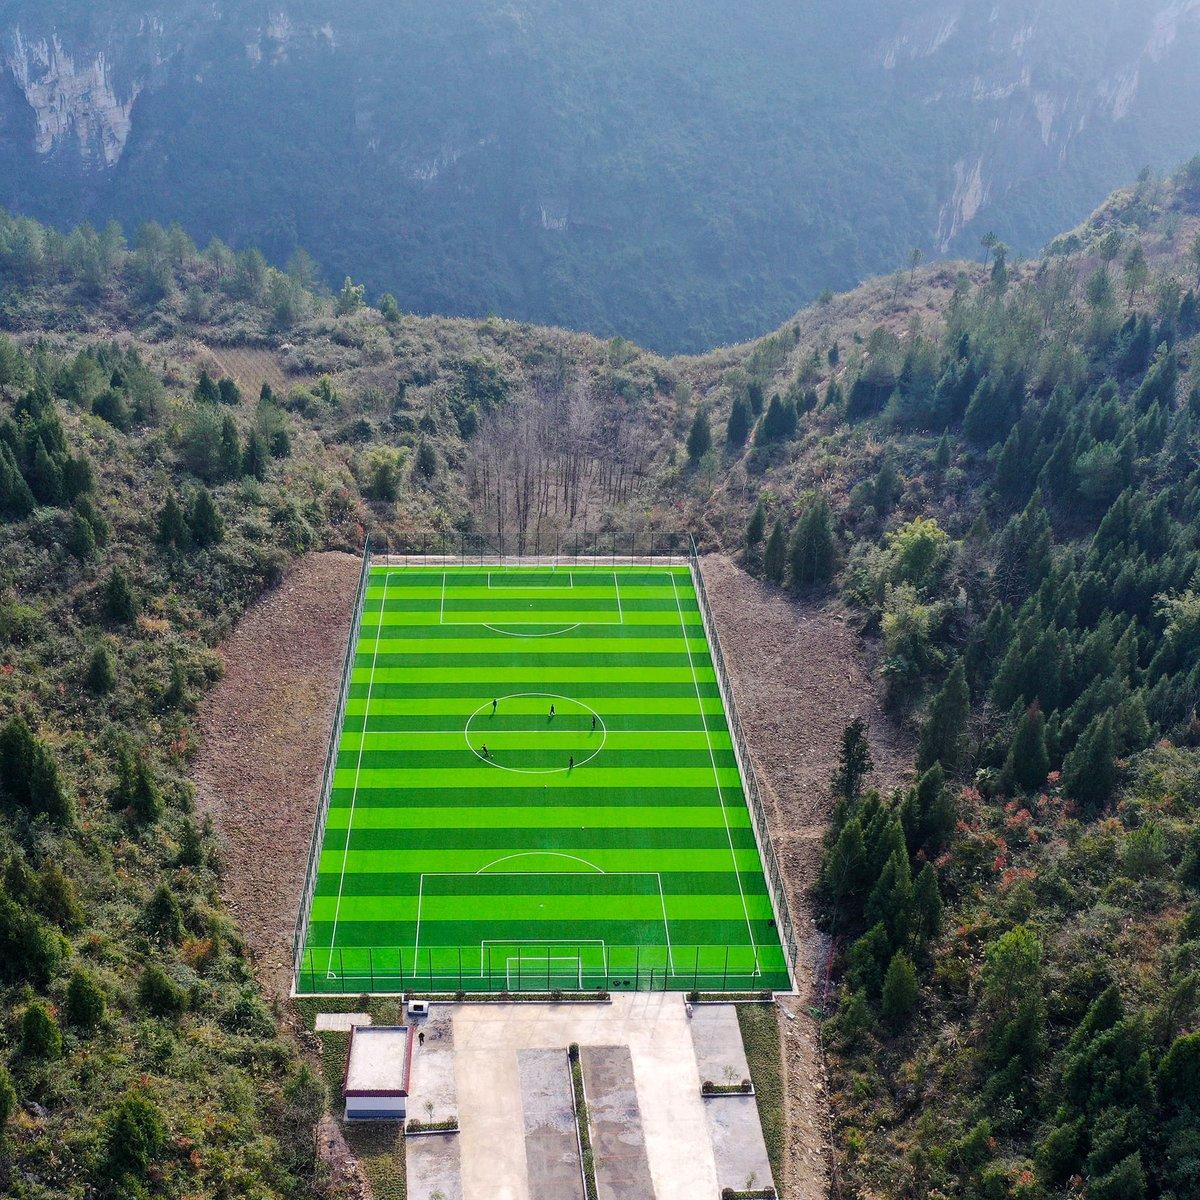 Replying to @brfootball: Imagine playing here 😍  📍 Chongqing, China